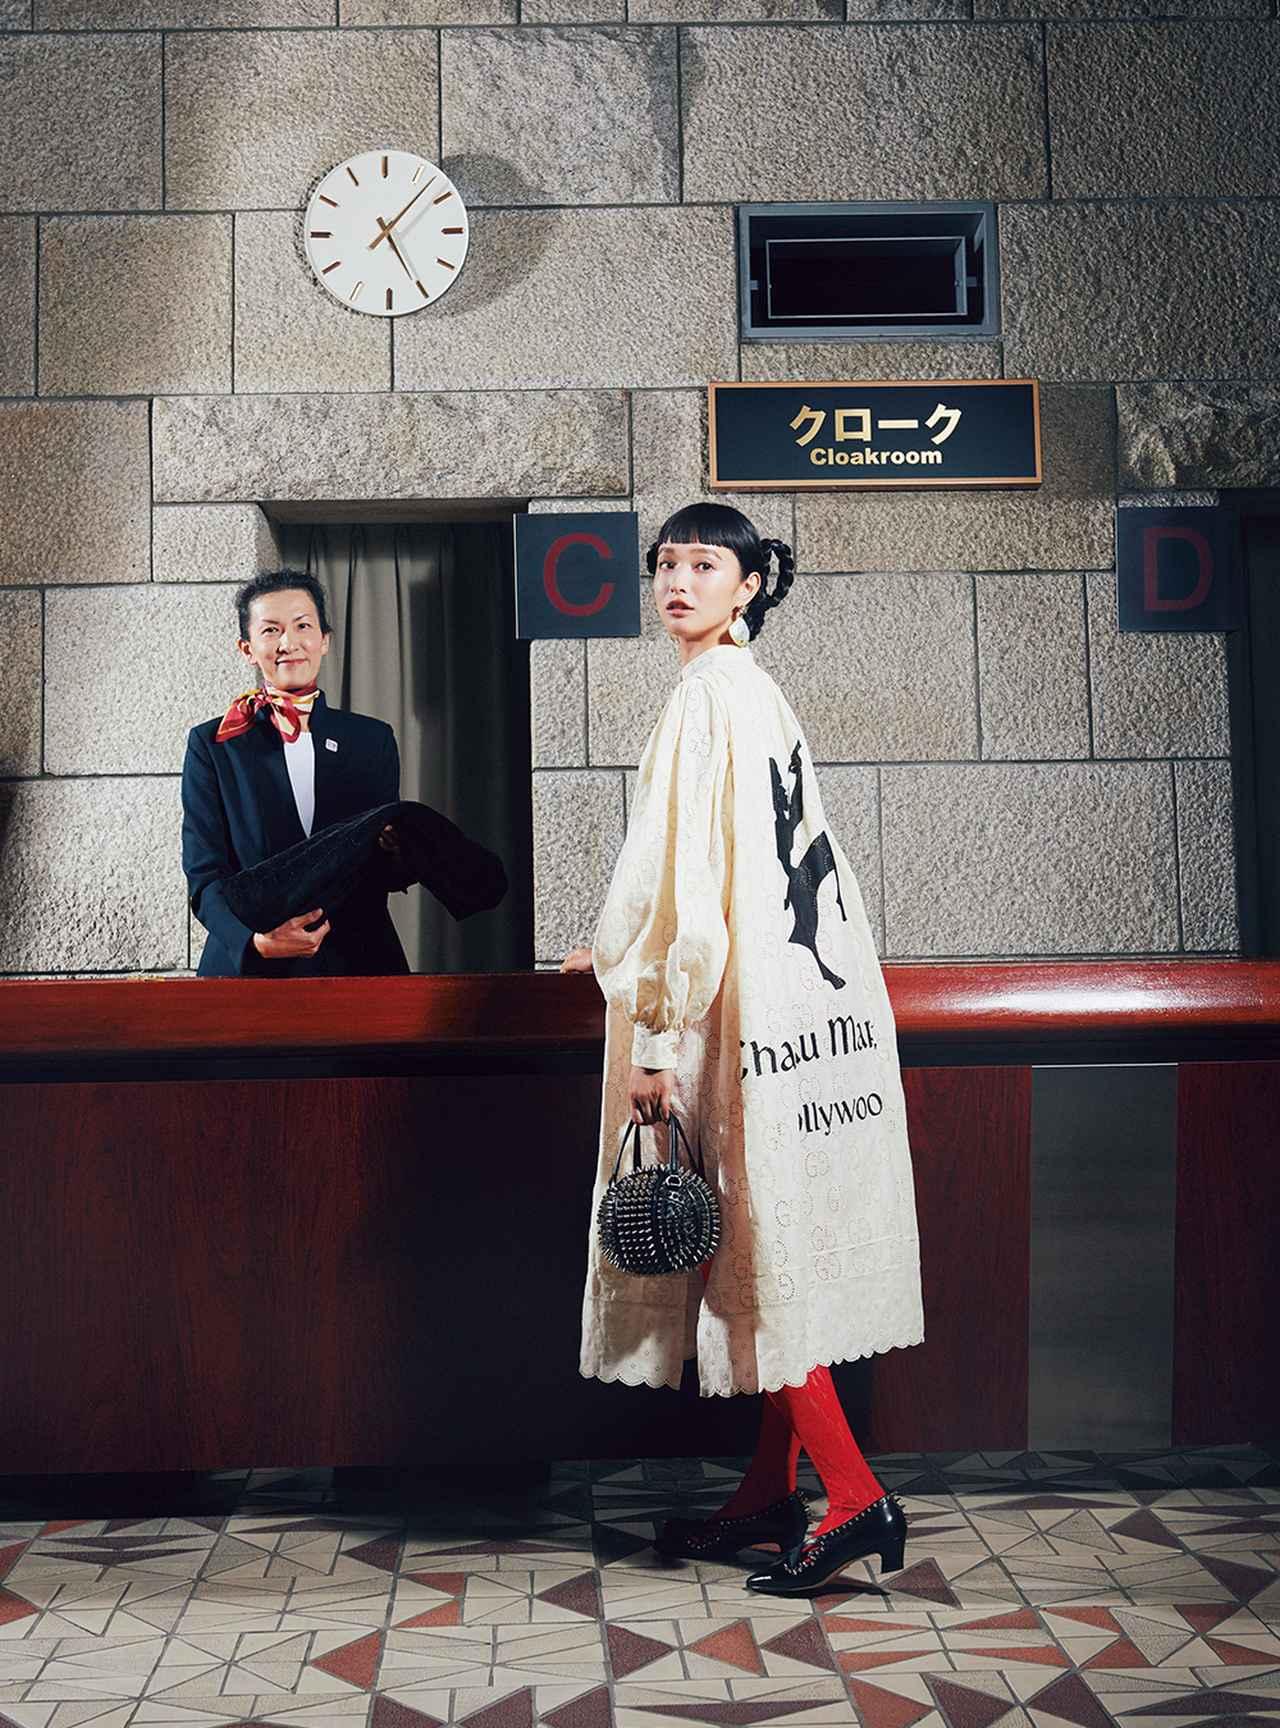 Images : 4番目の画像 - 「至福の時空へ誘う 華麗なる観劇スタイル」のアルバム - T JAPAN:The New York Times Style Magazine 公式サイト